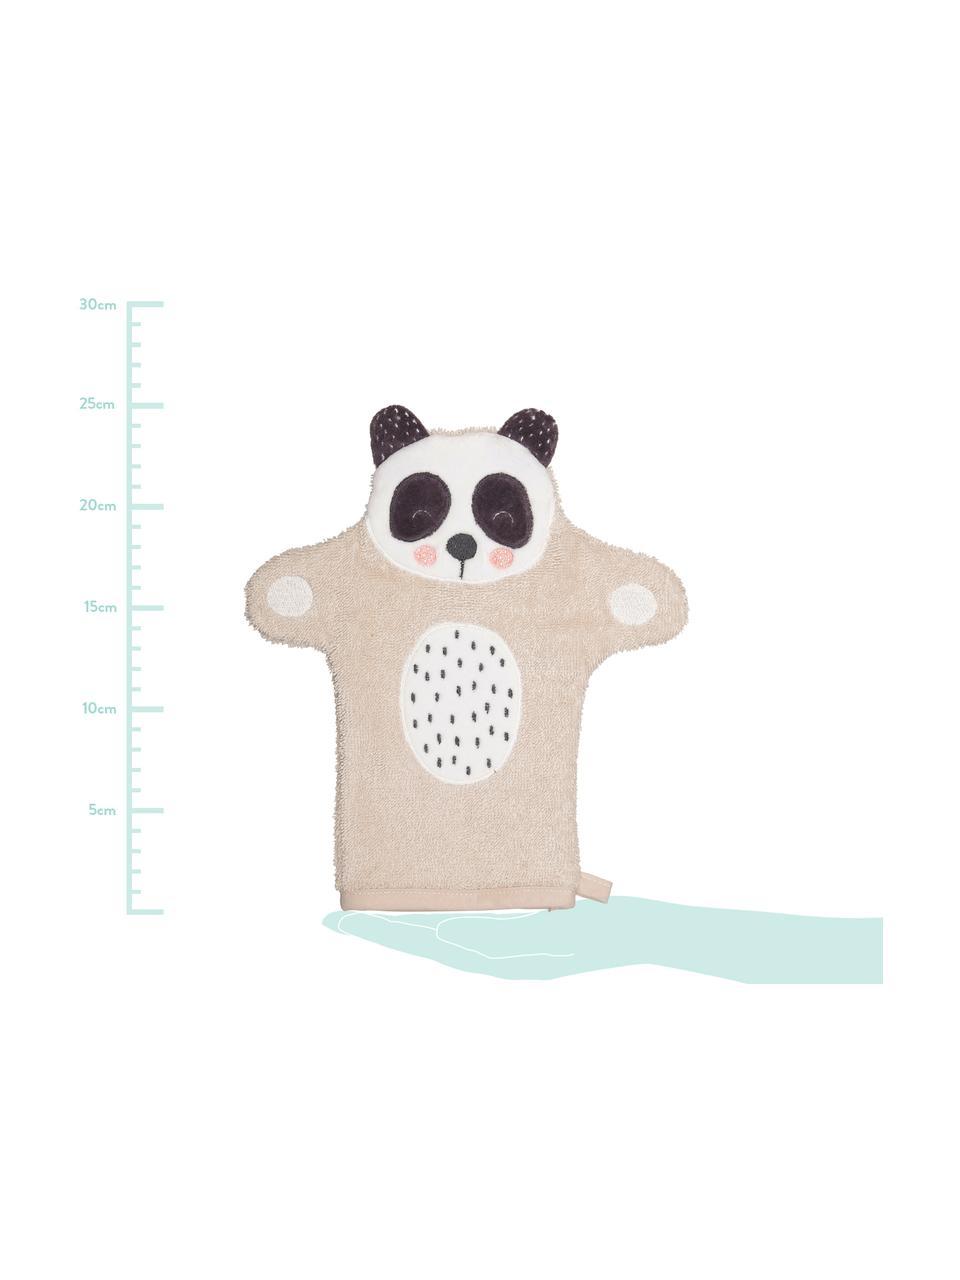 Waschlappen Panda Penny aus Bio-Baumwolle, 100% Biobaumwolle, Beige, Weiß, Dunkelgrau, 21 x 25 cm